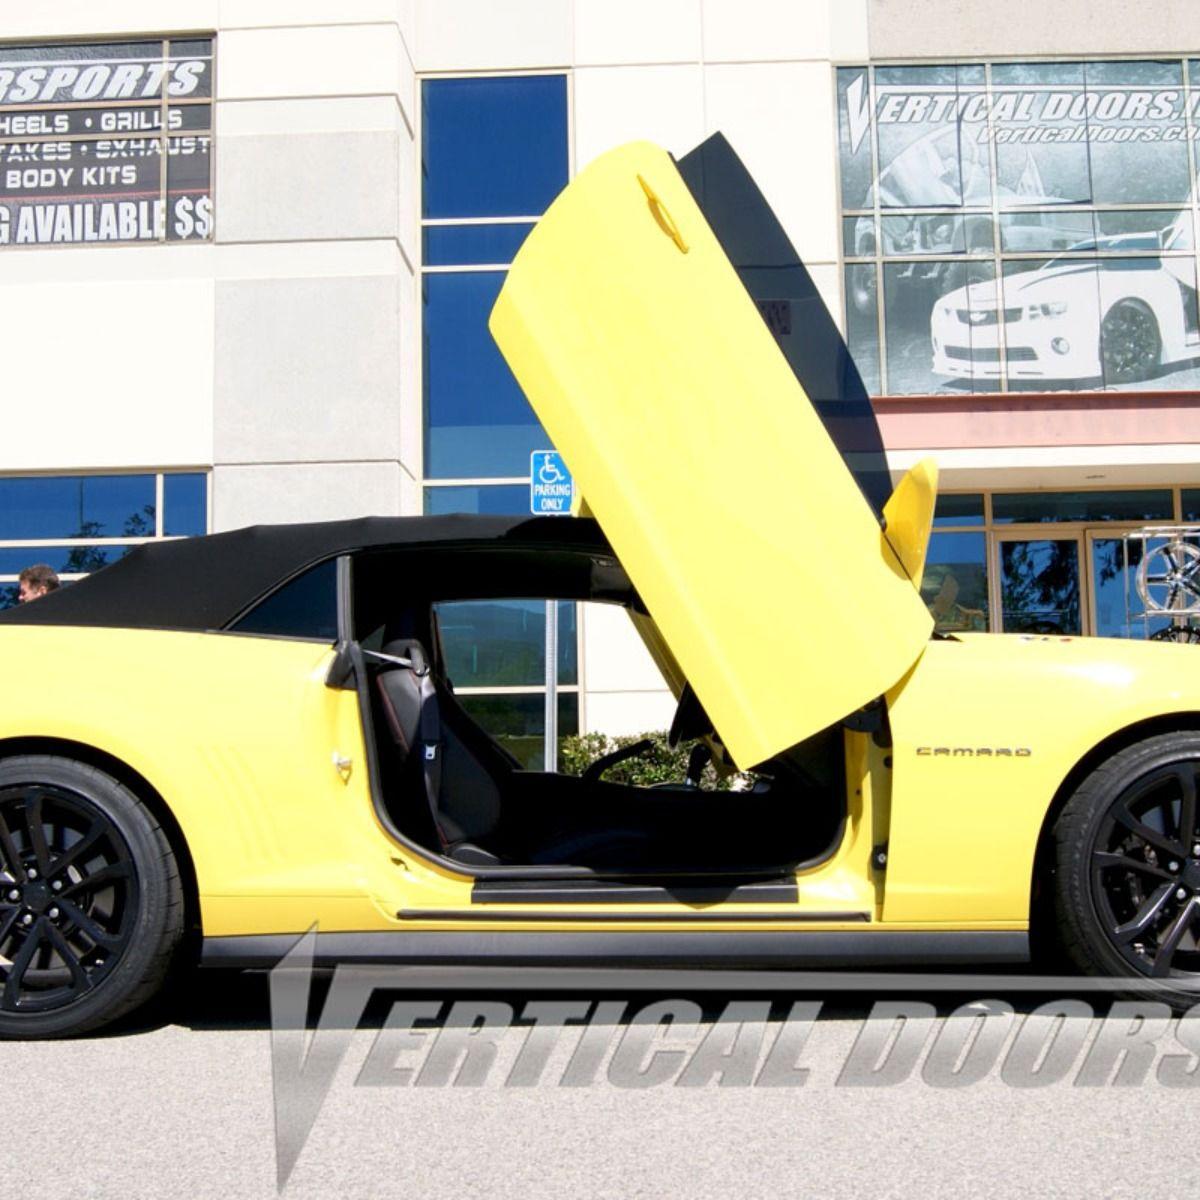 Chevrolet Camaro 2010 2015 Vertical Doors Chevrolet Camaro 2010 Chevrolet Camaro Vertical Doors